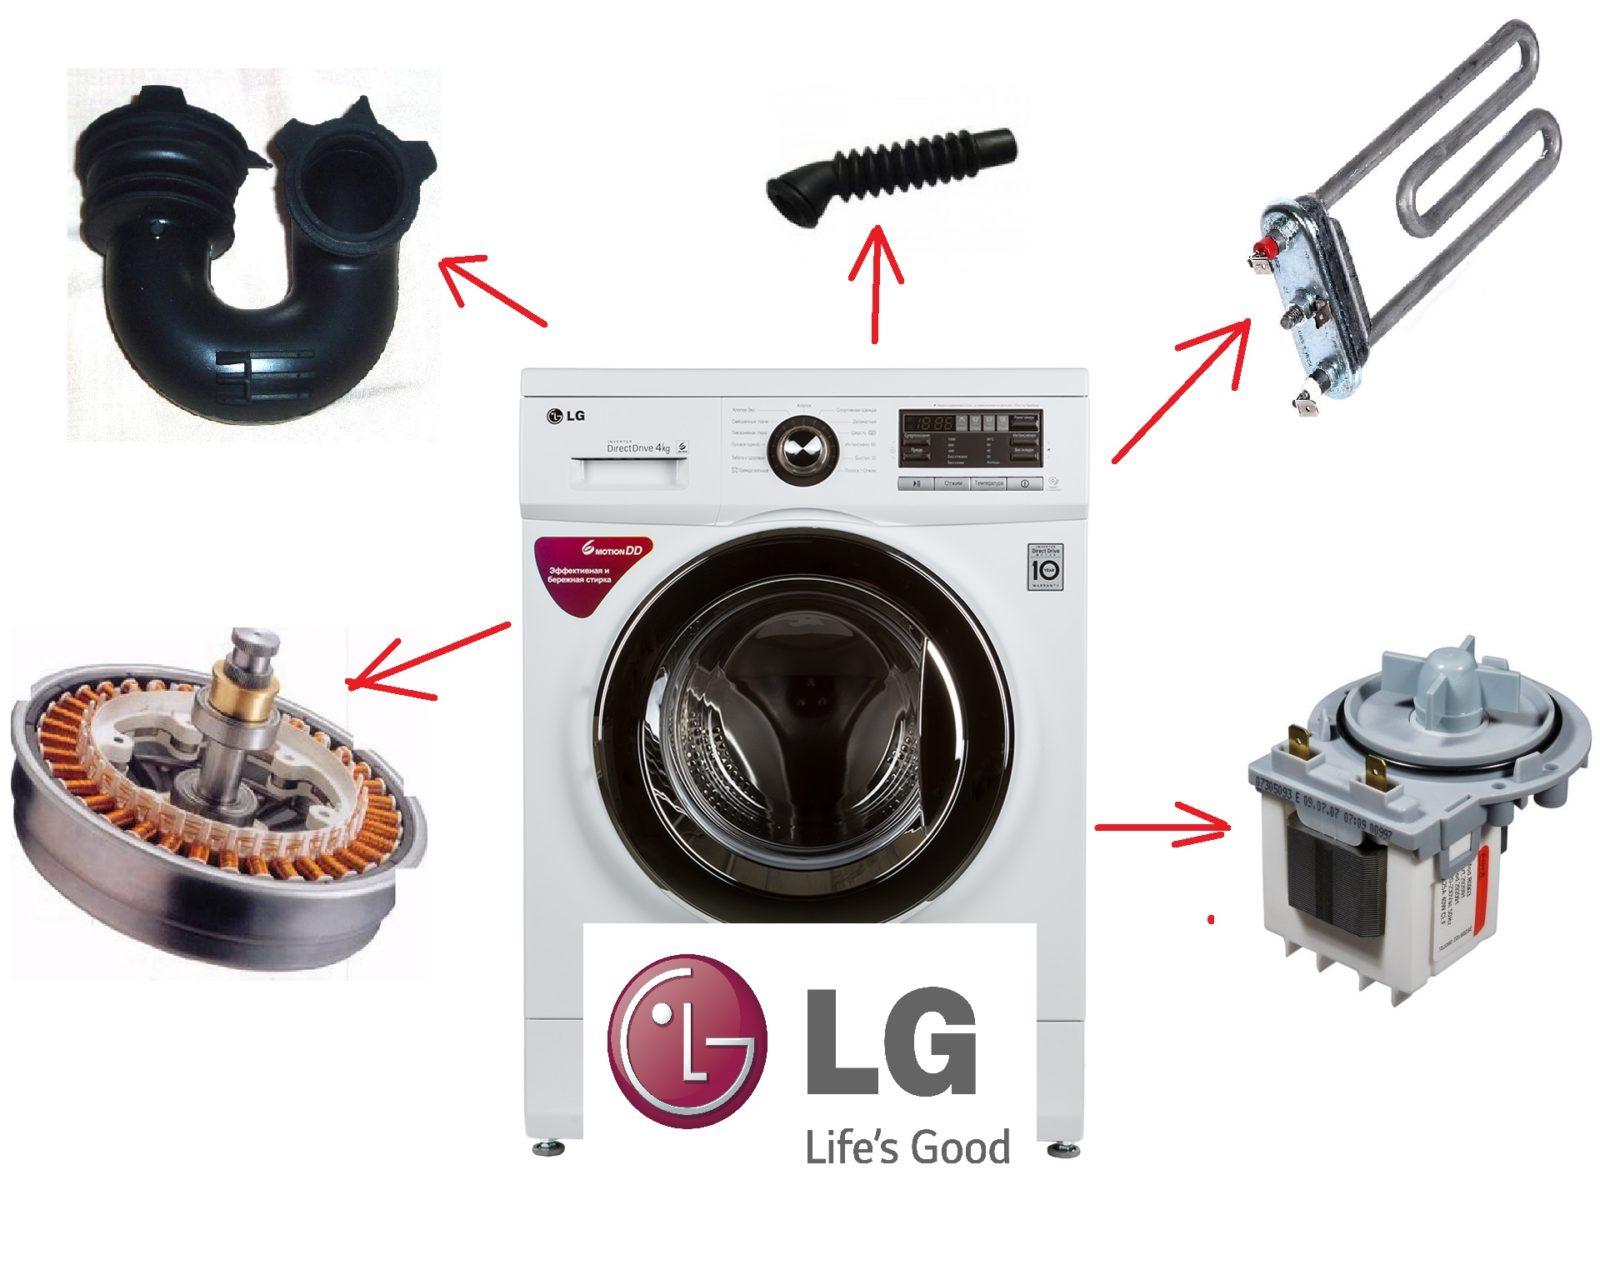 פירוק DIY של מכונת הכביסה של LG